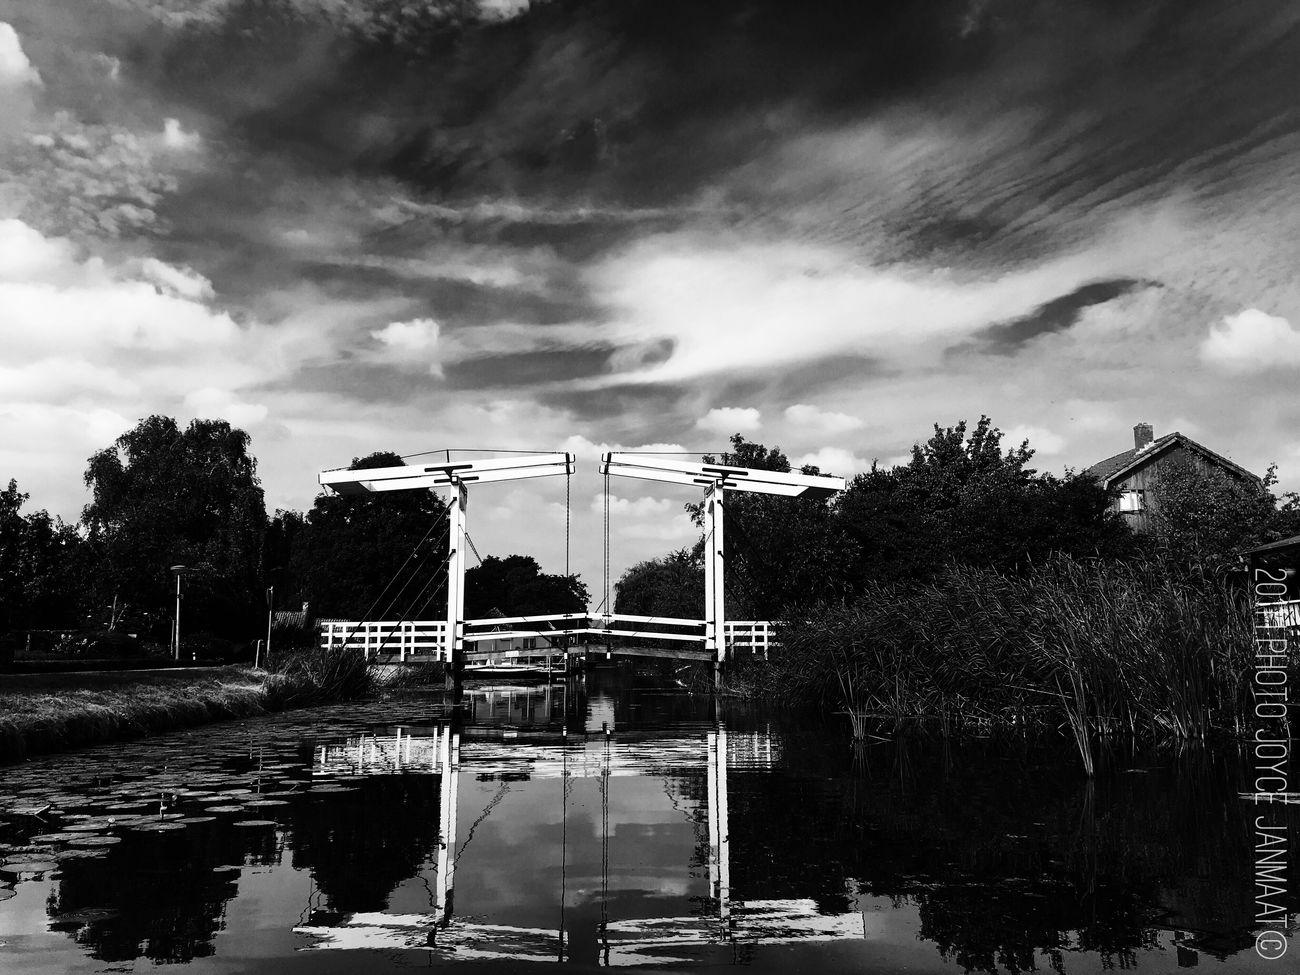 Showcase July Dutch Bridge Bridges Bridgesaroundtheworld Bridgeporn Bridge Over Water Dutch Canals Dutchstyle Netherlands Thenetherlands Nederland Puttershoek Black&white Iphone6splus Hidden Gems  Holland Monochrome Photography Light And Reflection